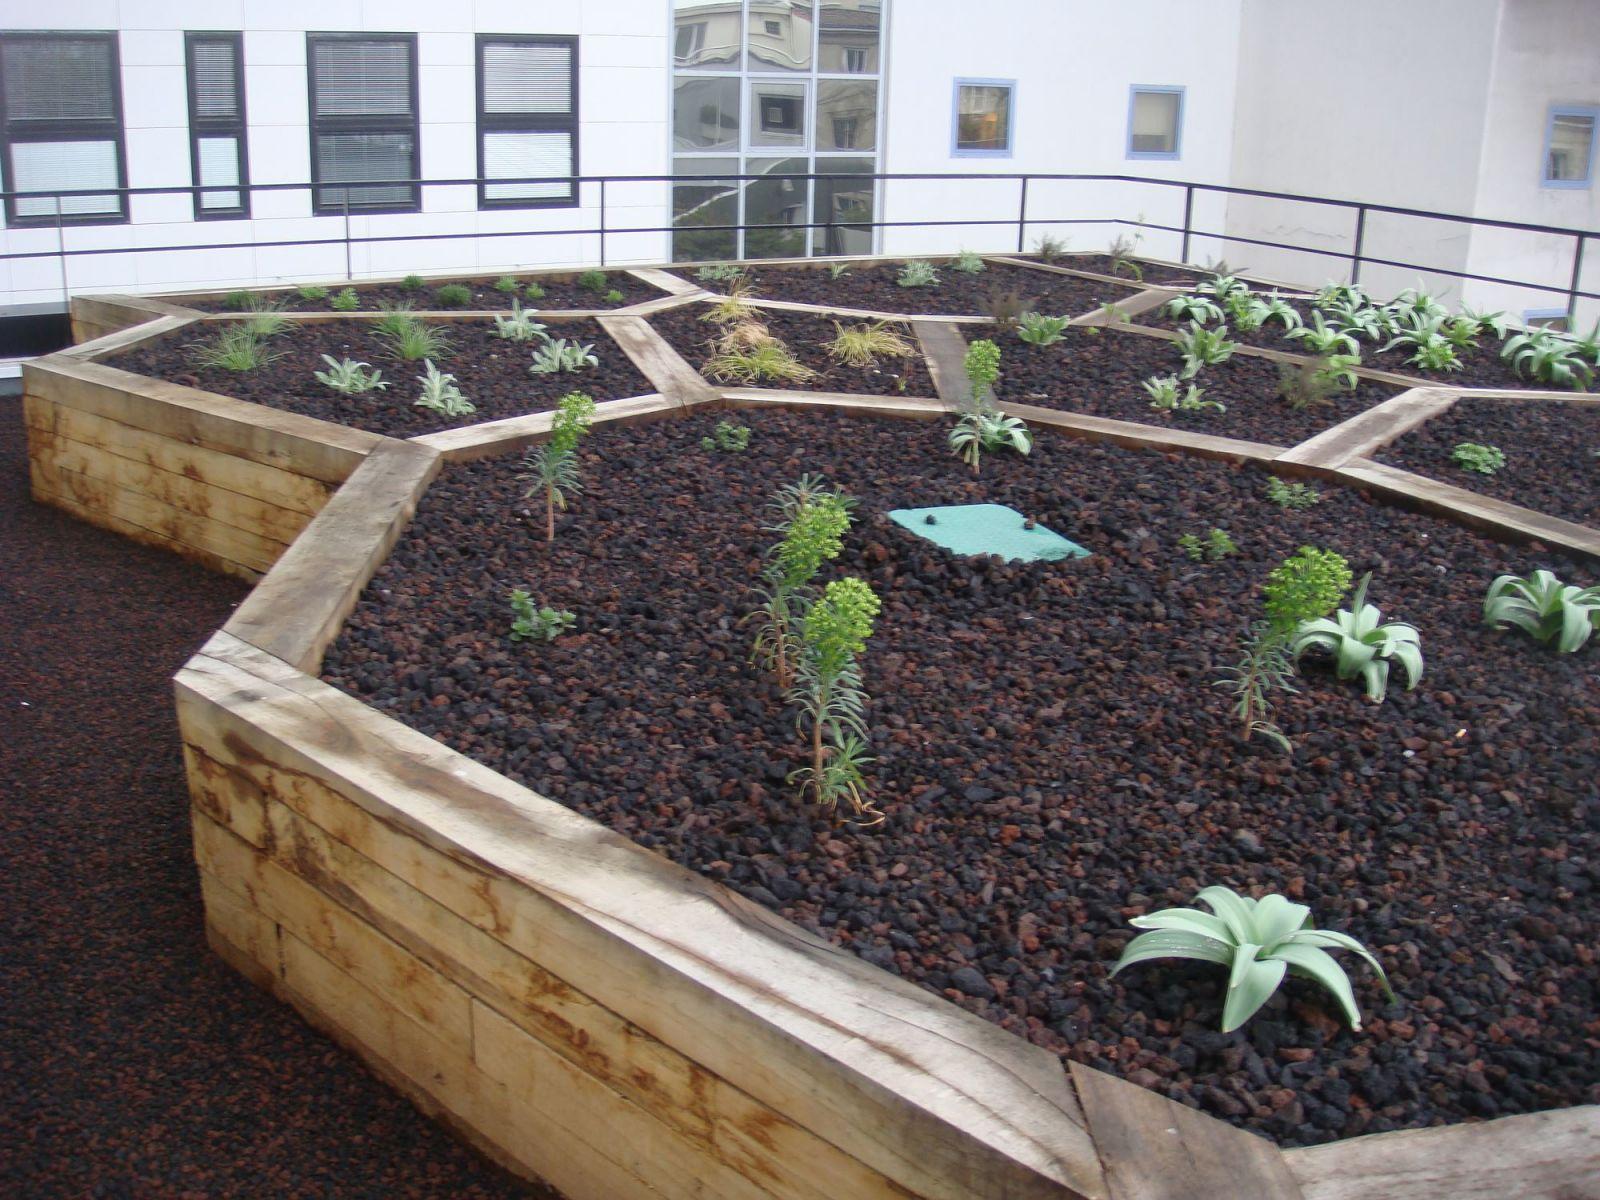 Cr ation de jardins sur terrasse par un paysagiste bordeaux am nagement et entretiens de - Ikea jardin et terrasse bordeaux ...